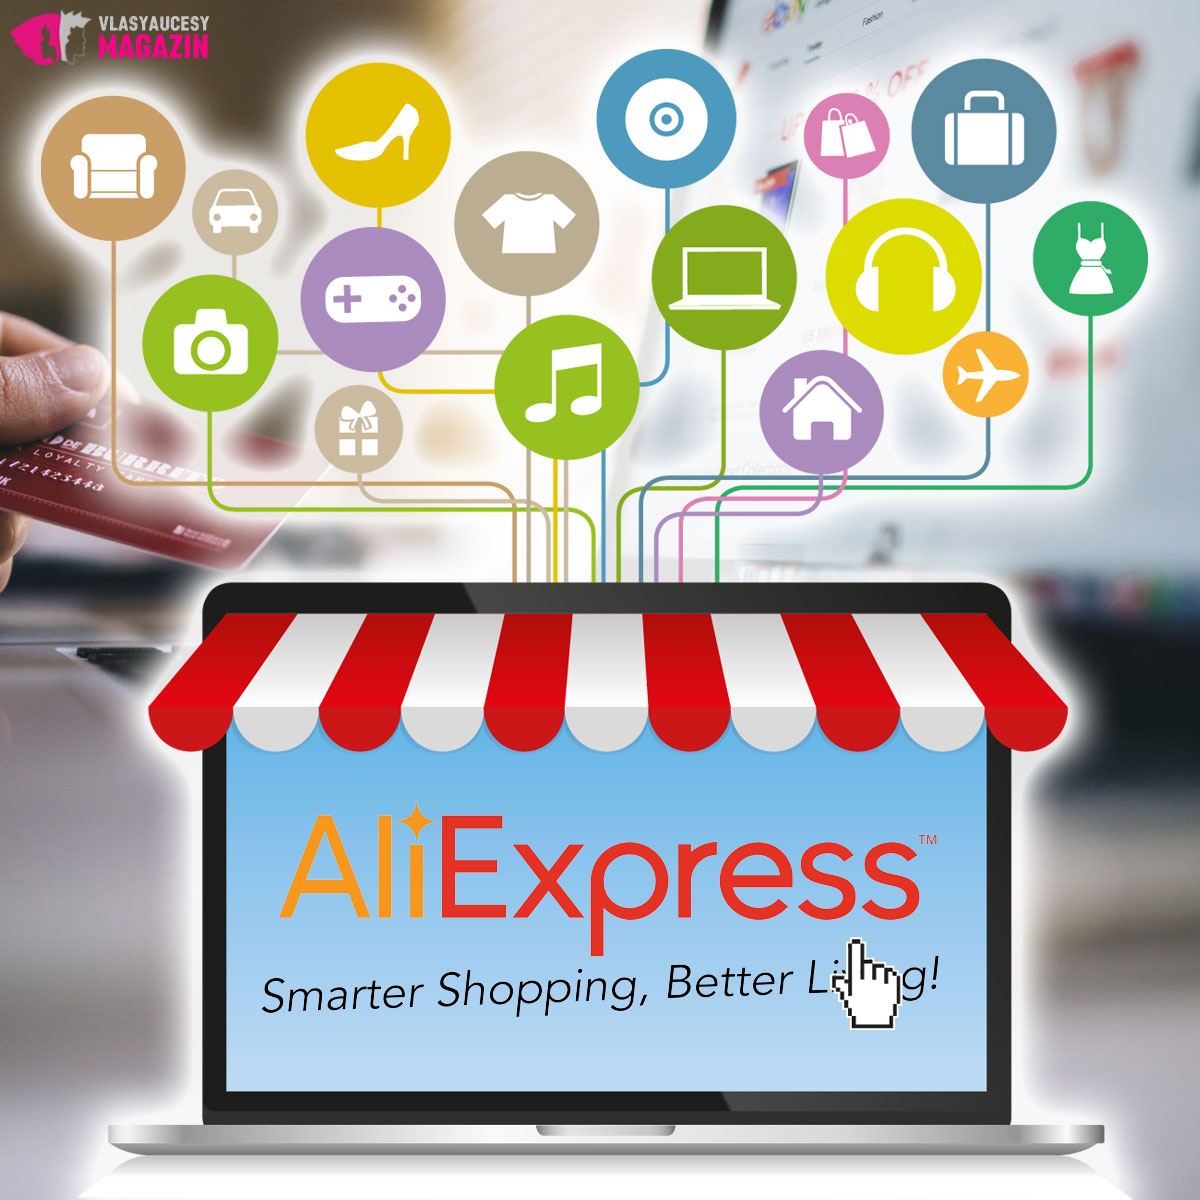 Už nakupujete výhodne na AliExpress.com?